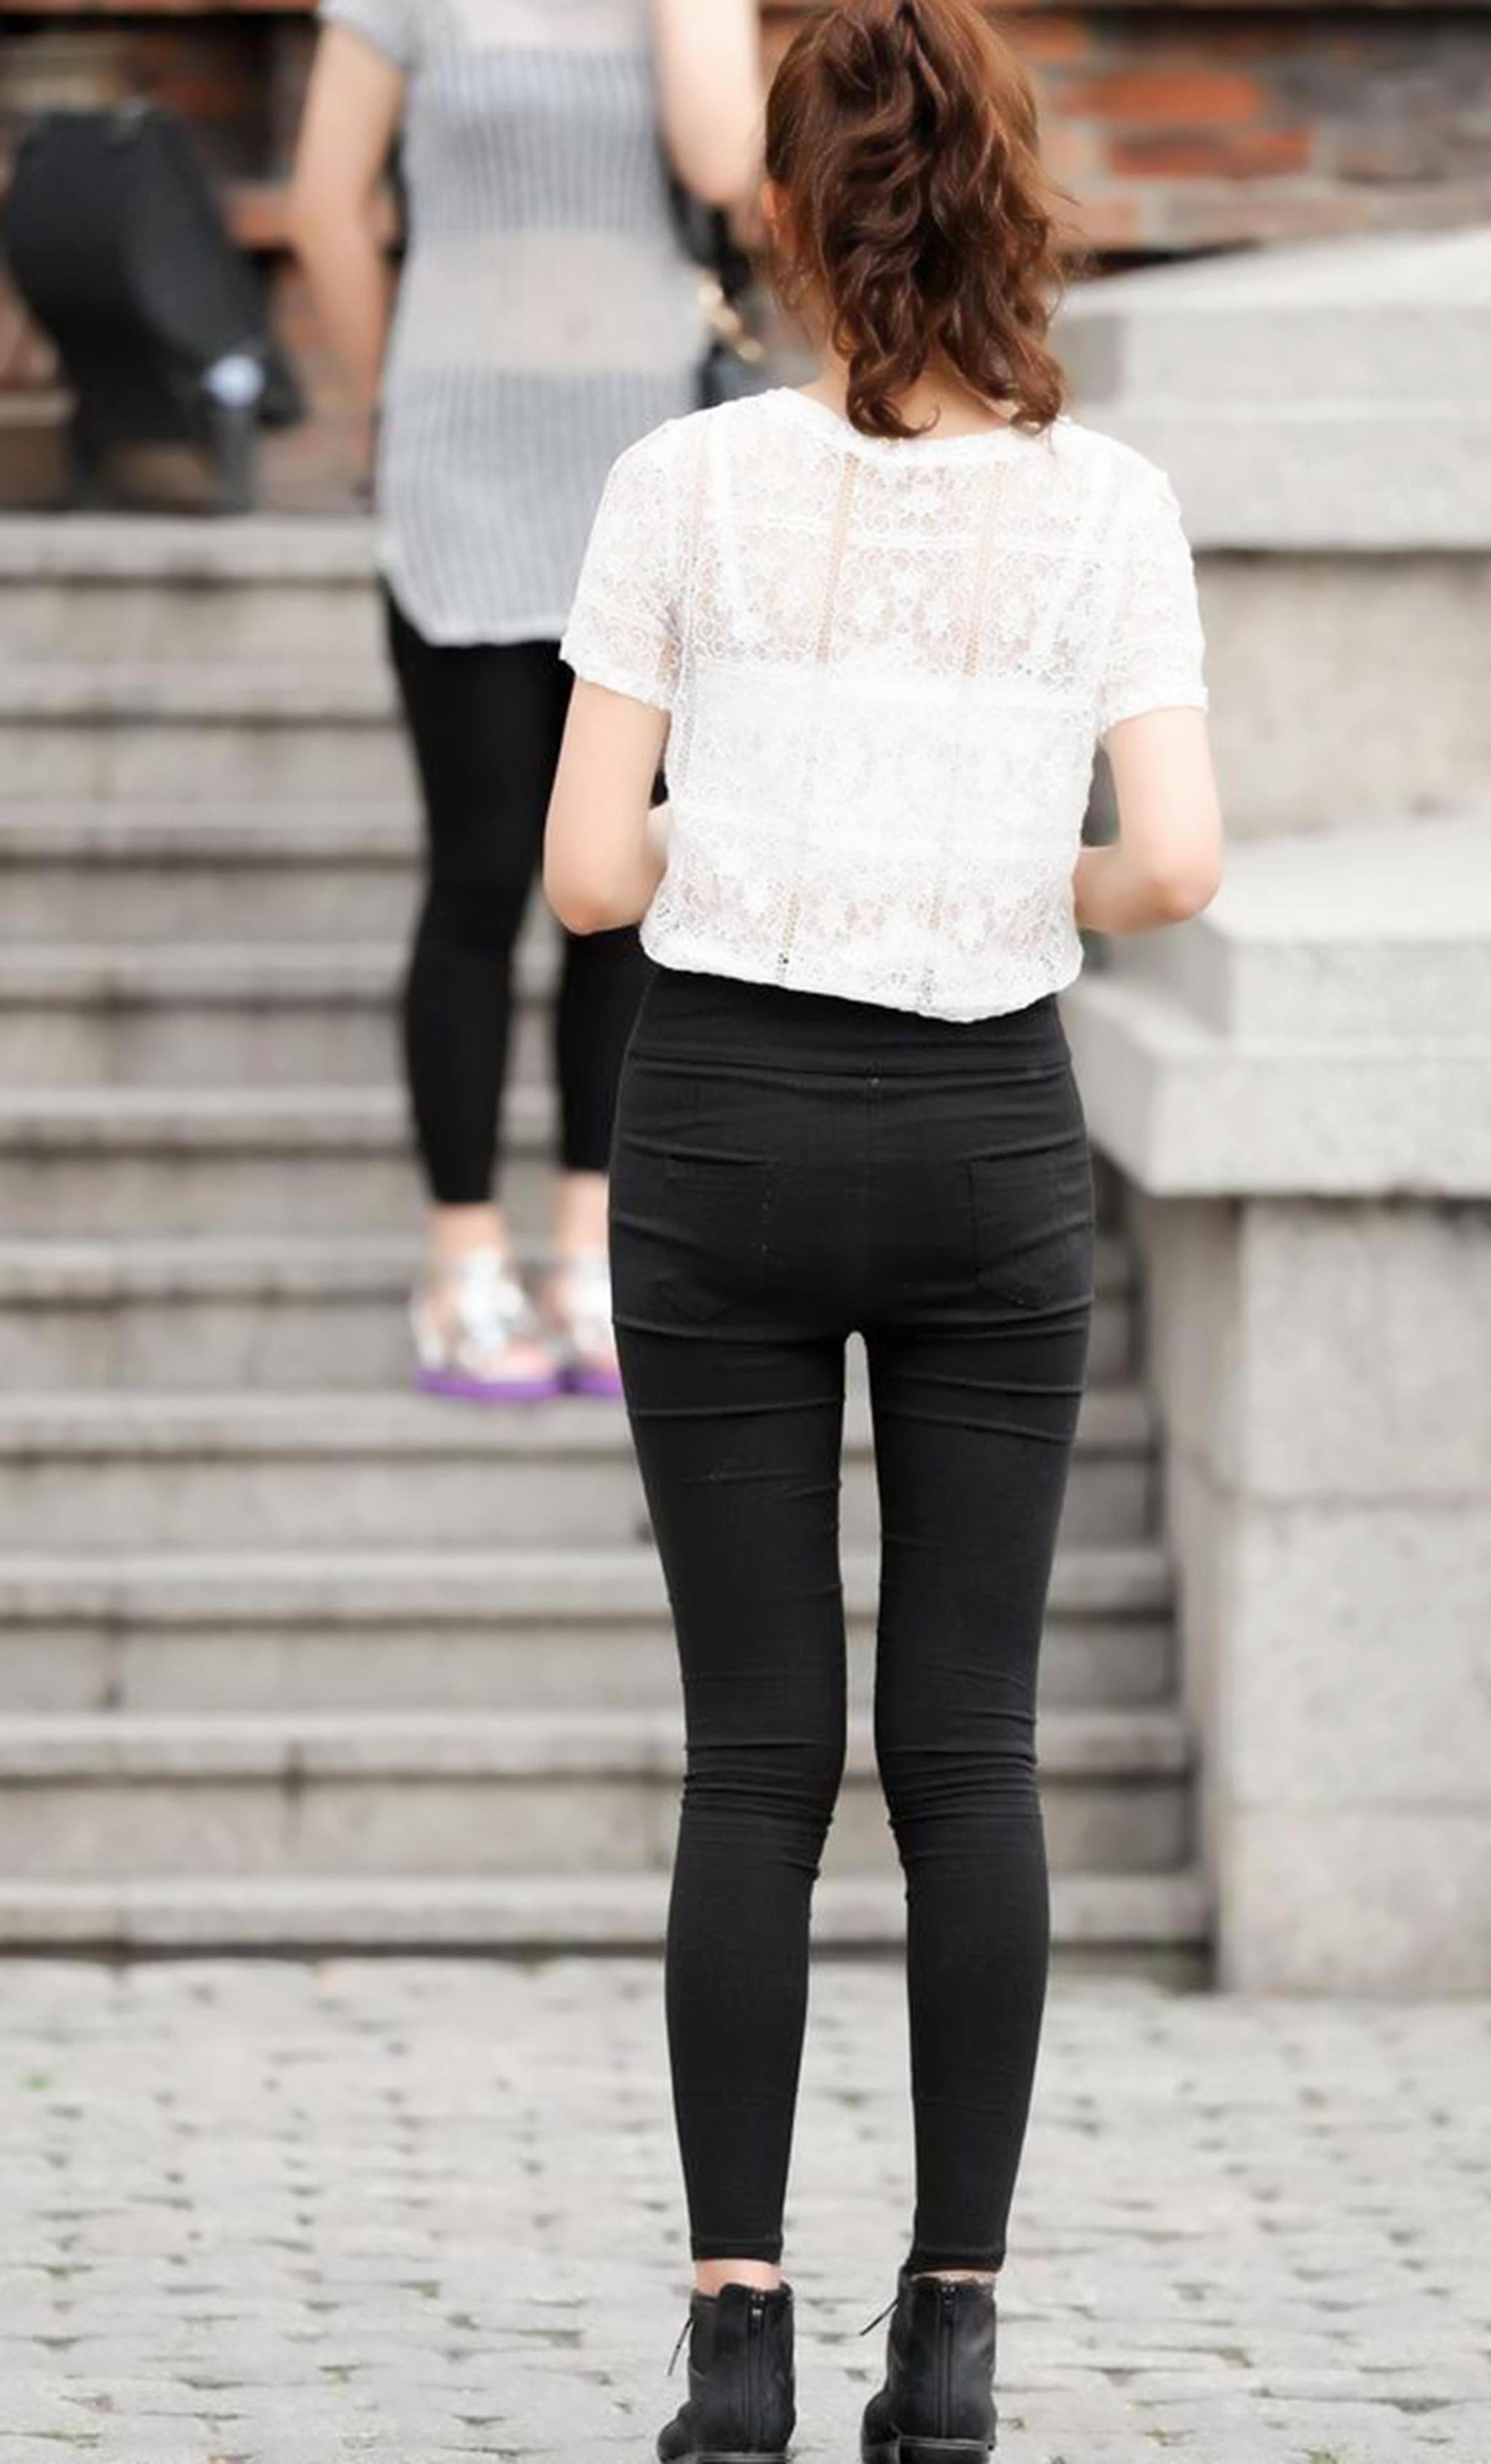 紧身牛仔裤_街拍:黑色紧身牛仔裤搭配白色t恤,身材好又漂亮的妹子